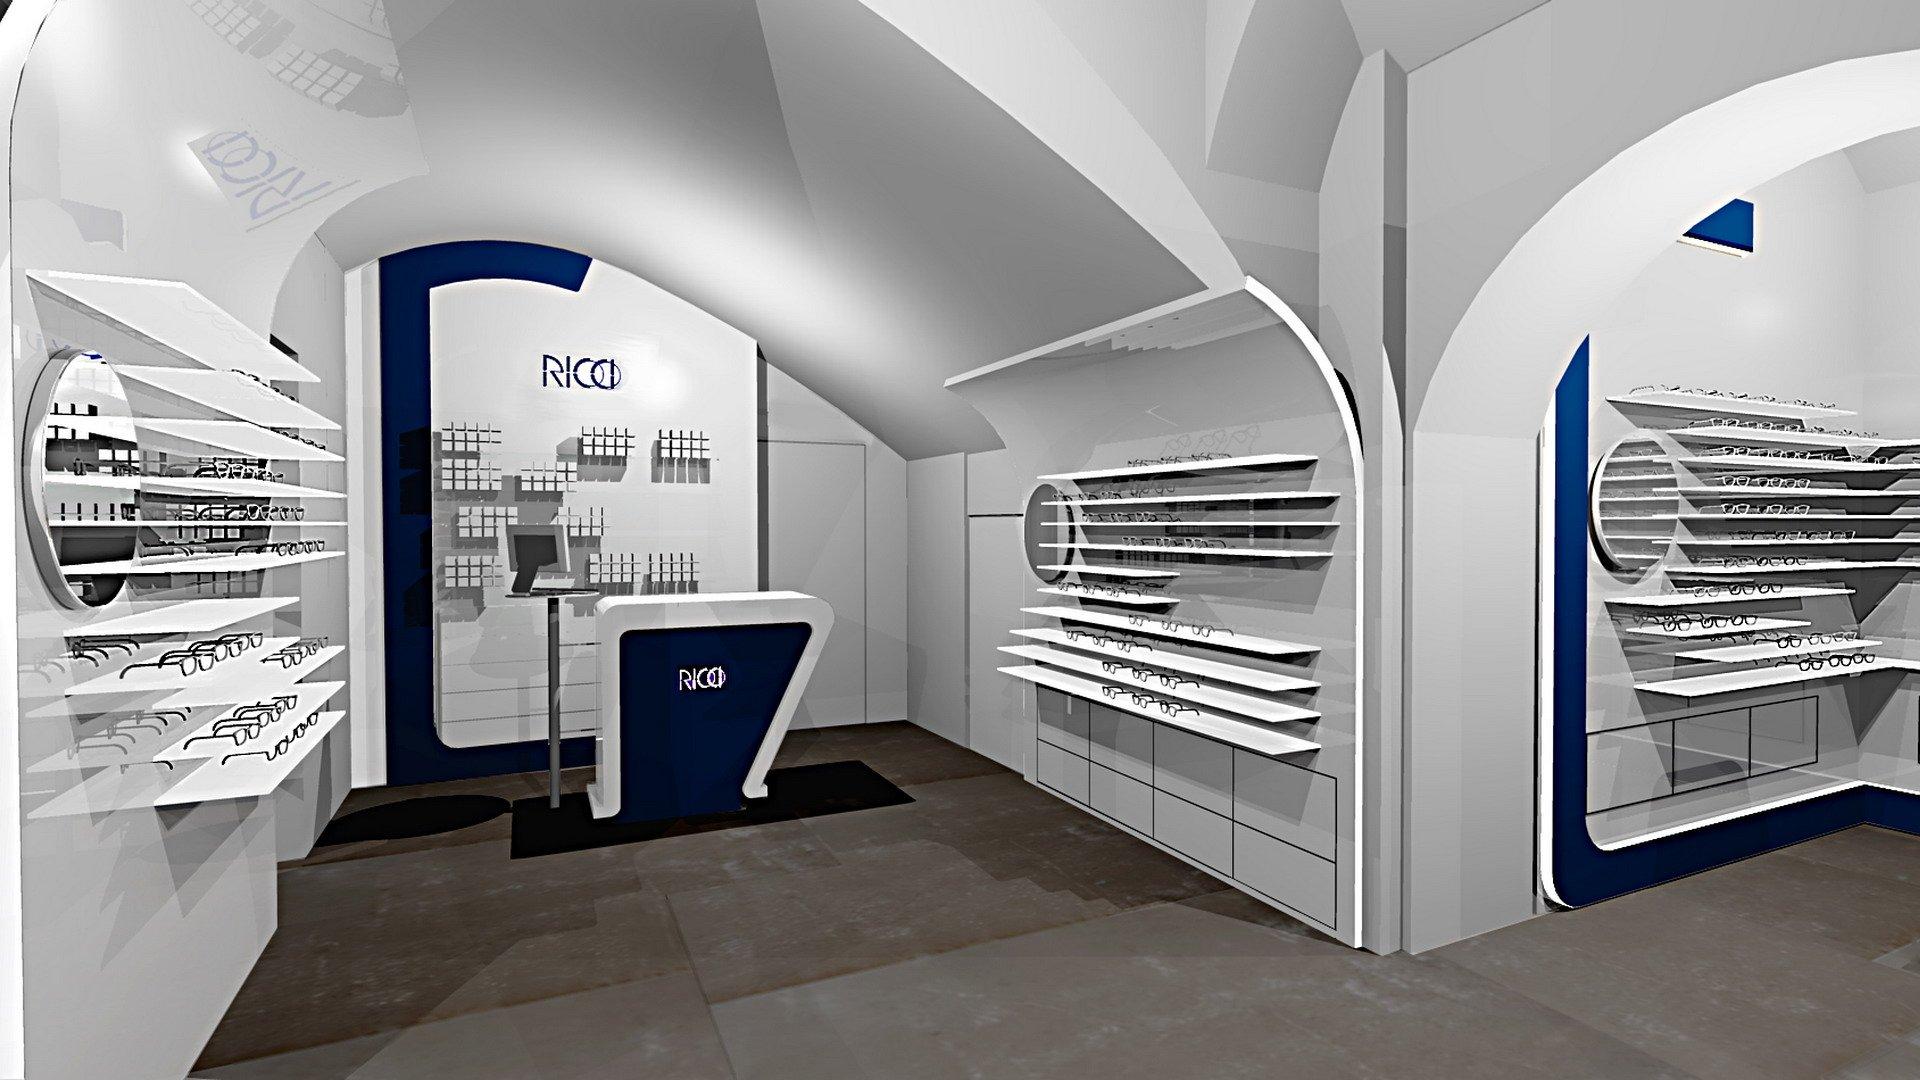 La progettazione dellarredamento del negozio di Ottica Ricci a Siena ...